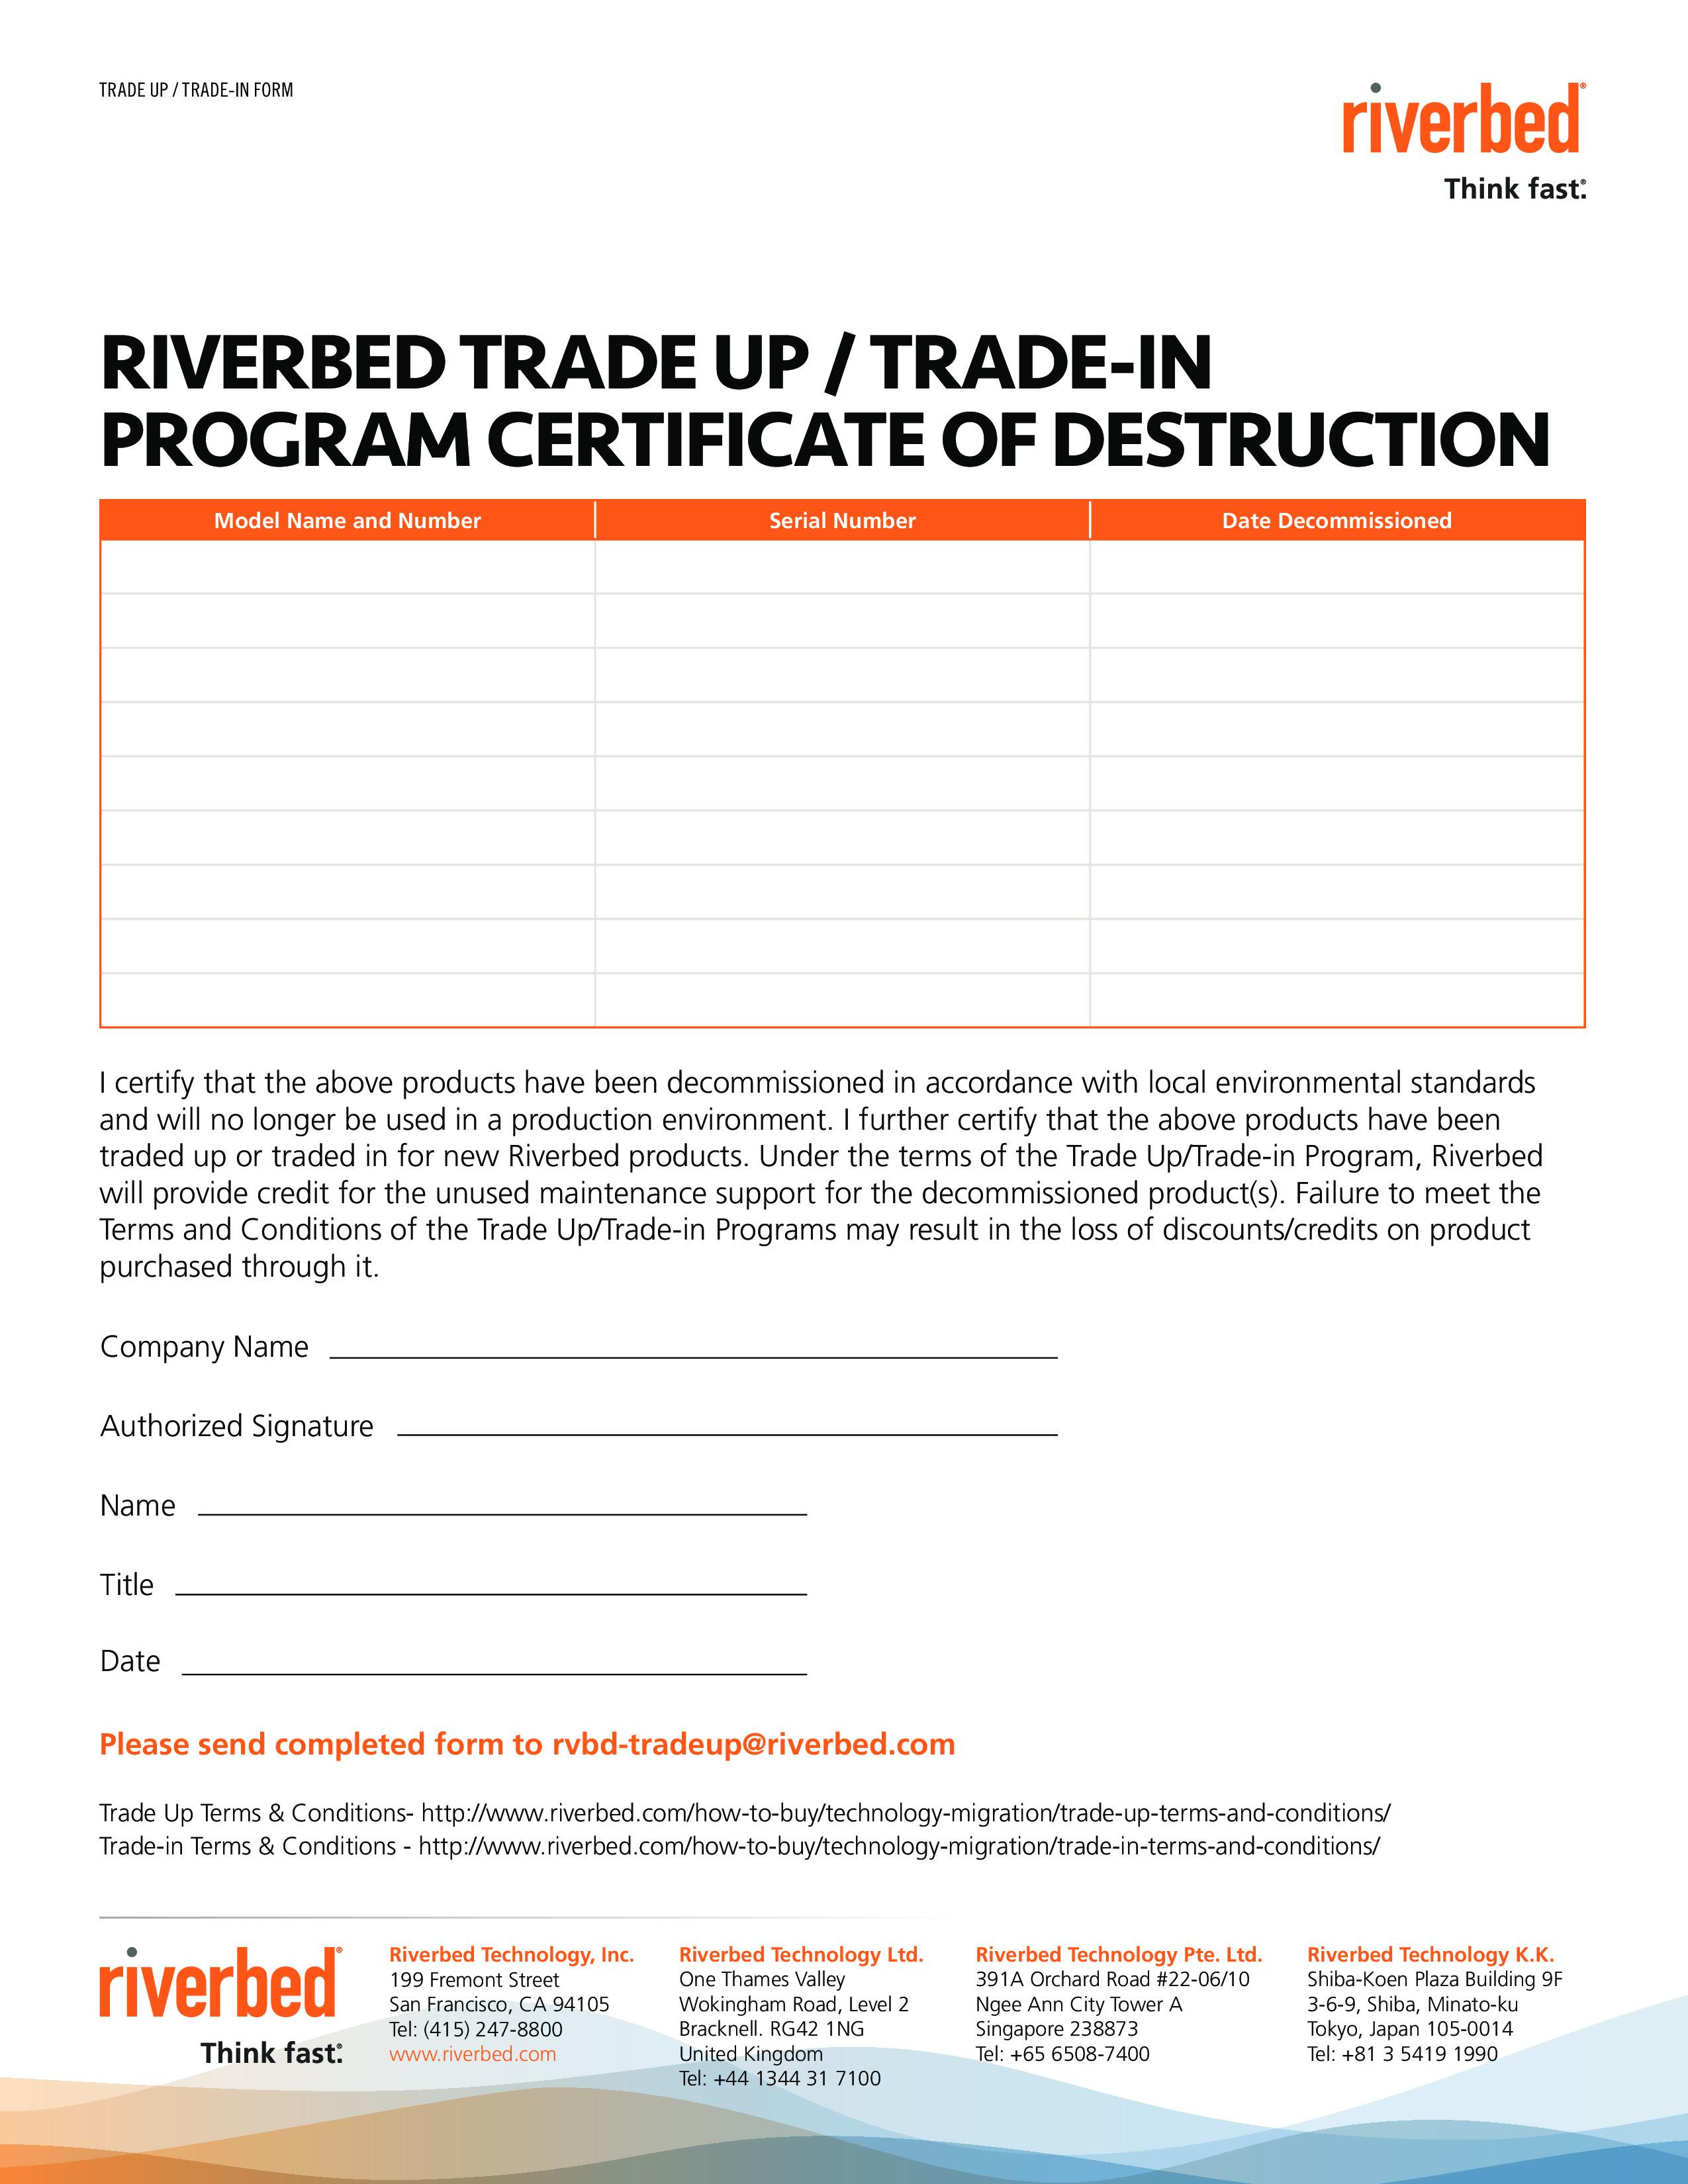 Certificate Of Destruction Template Program Certificate Destruction